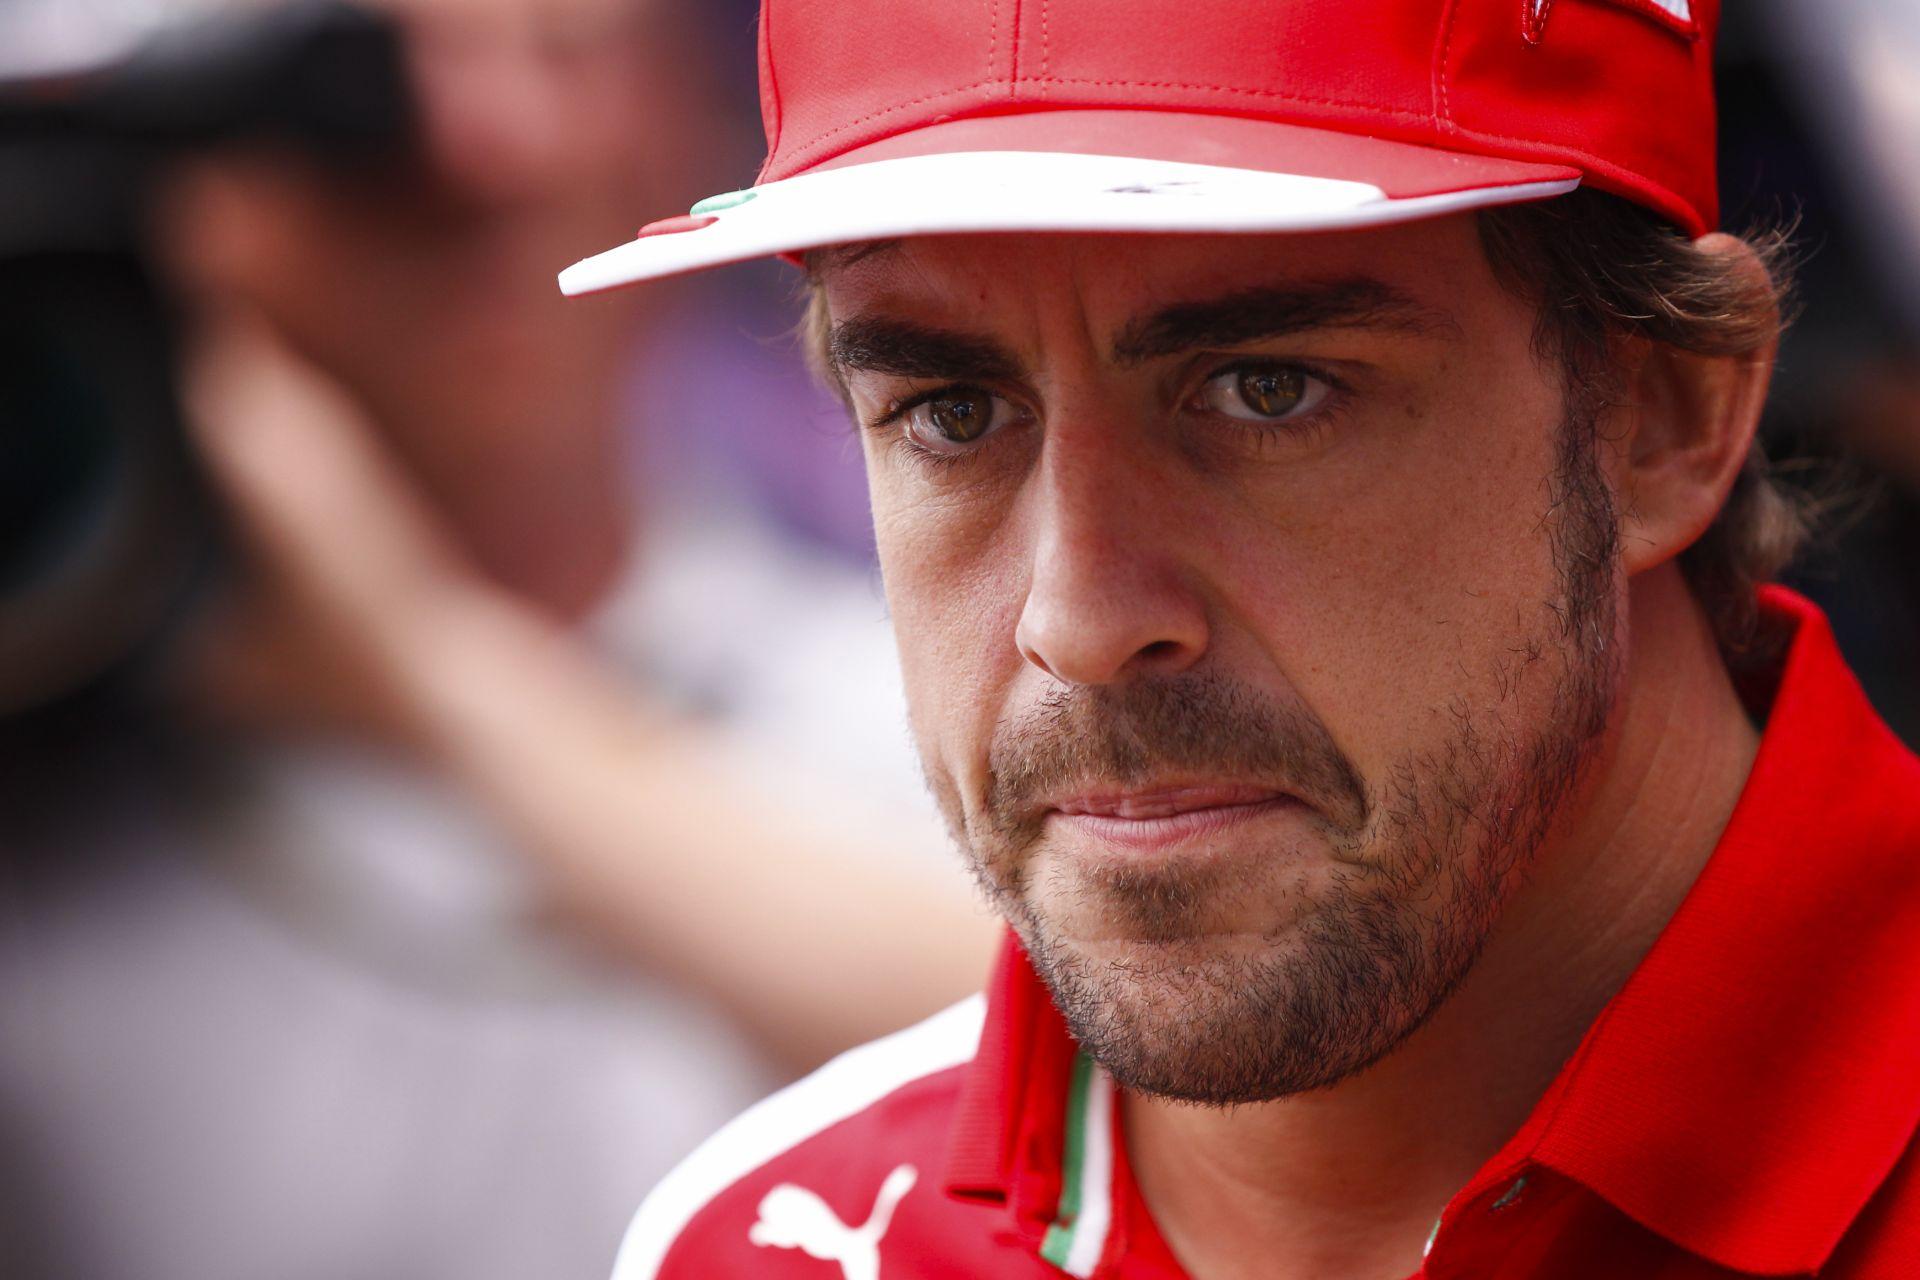 Alonso: Jövőre a McLaren, vagy a Red Bull versenyzője leszek? Ez egy nagyon bonyolult kérdés…